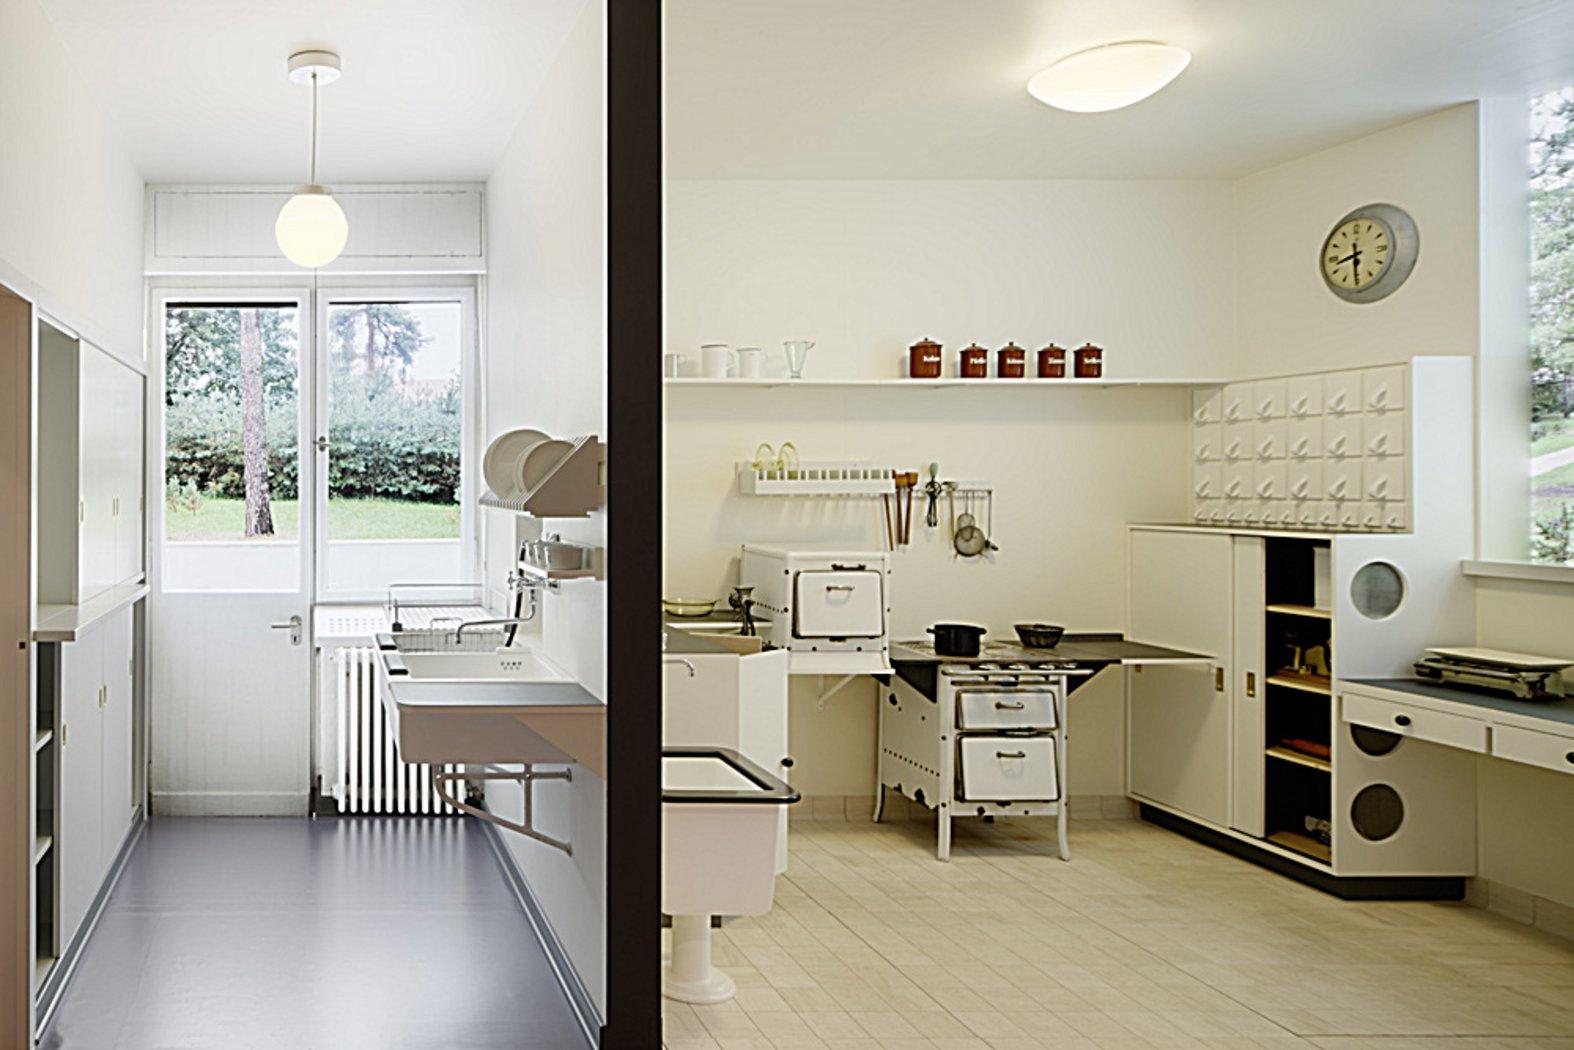 Bauhaus Küchenzeile bauhaus küche arbeitsplatte. pflanzen für die küche wasserhahn